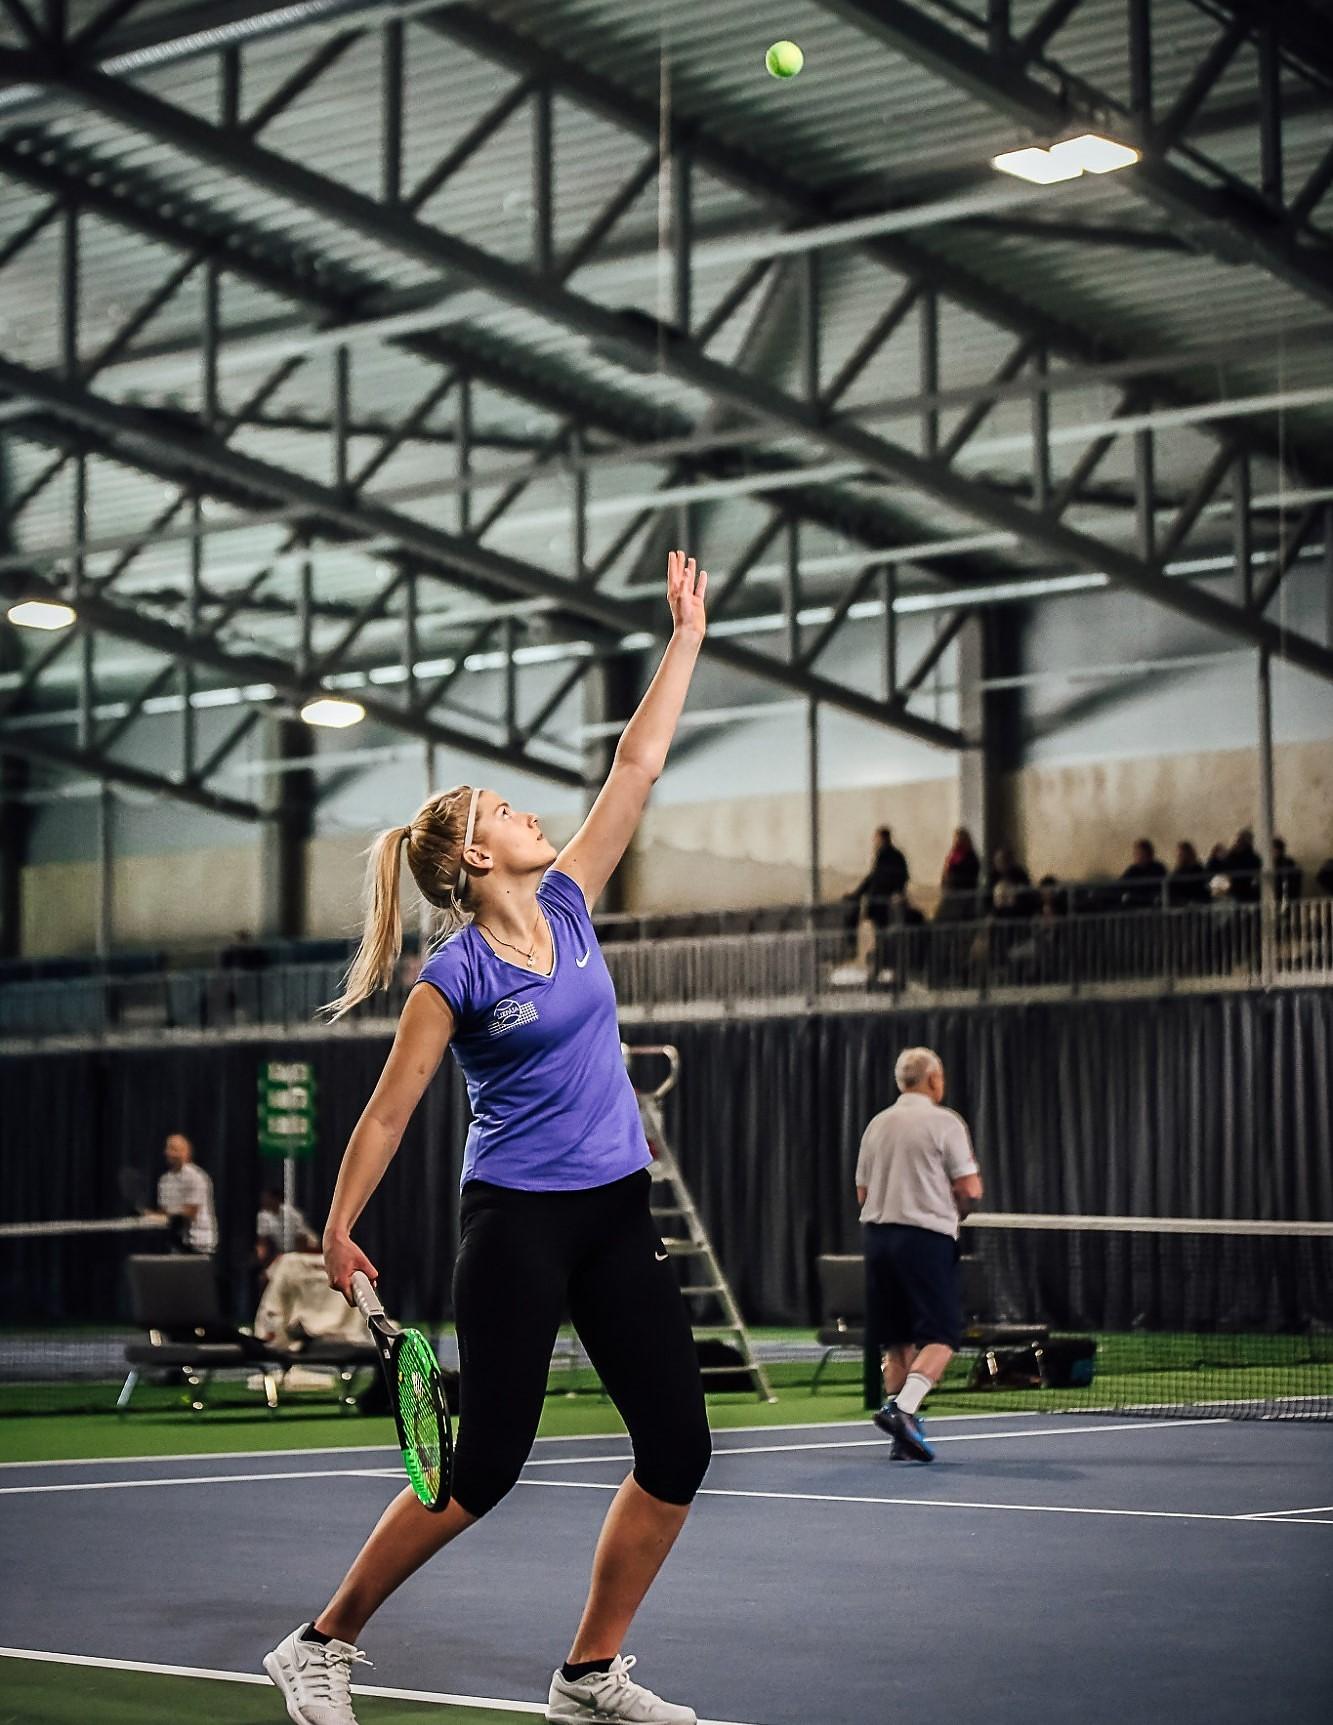 Liepājā notiks starptautiskās ITF tenisa sacensības